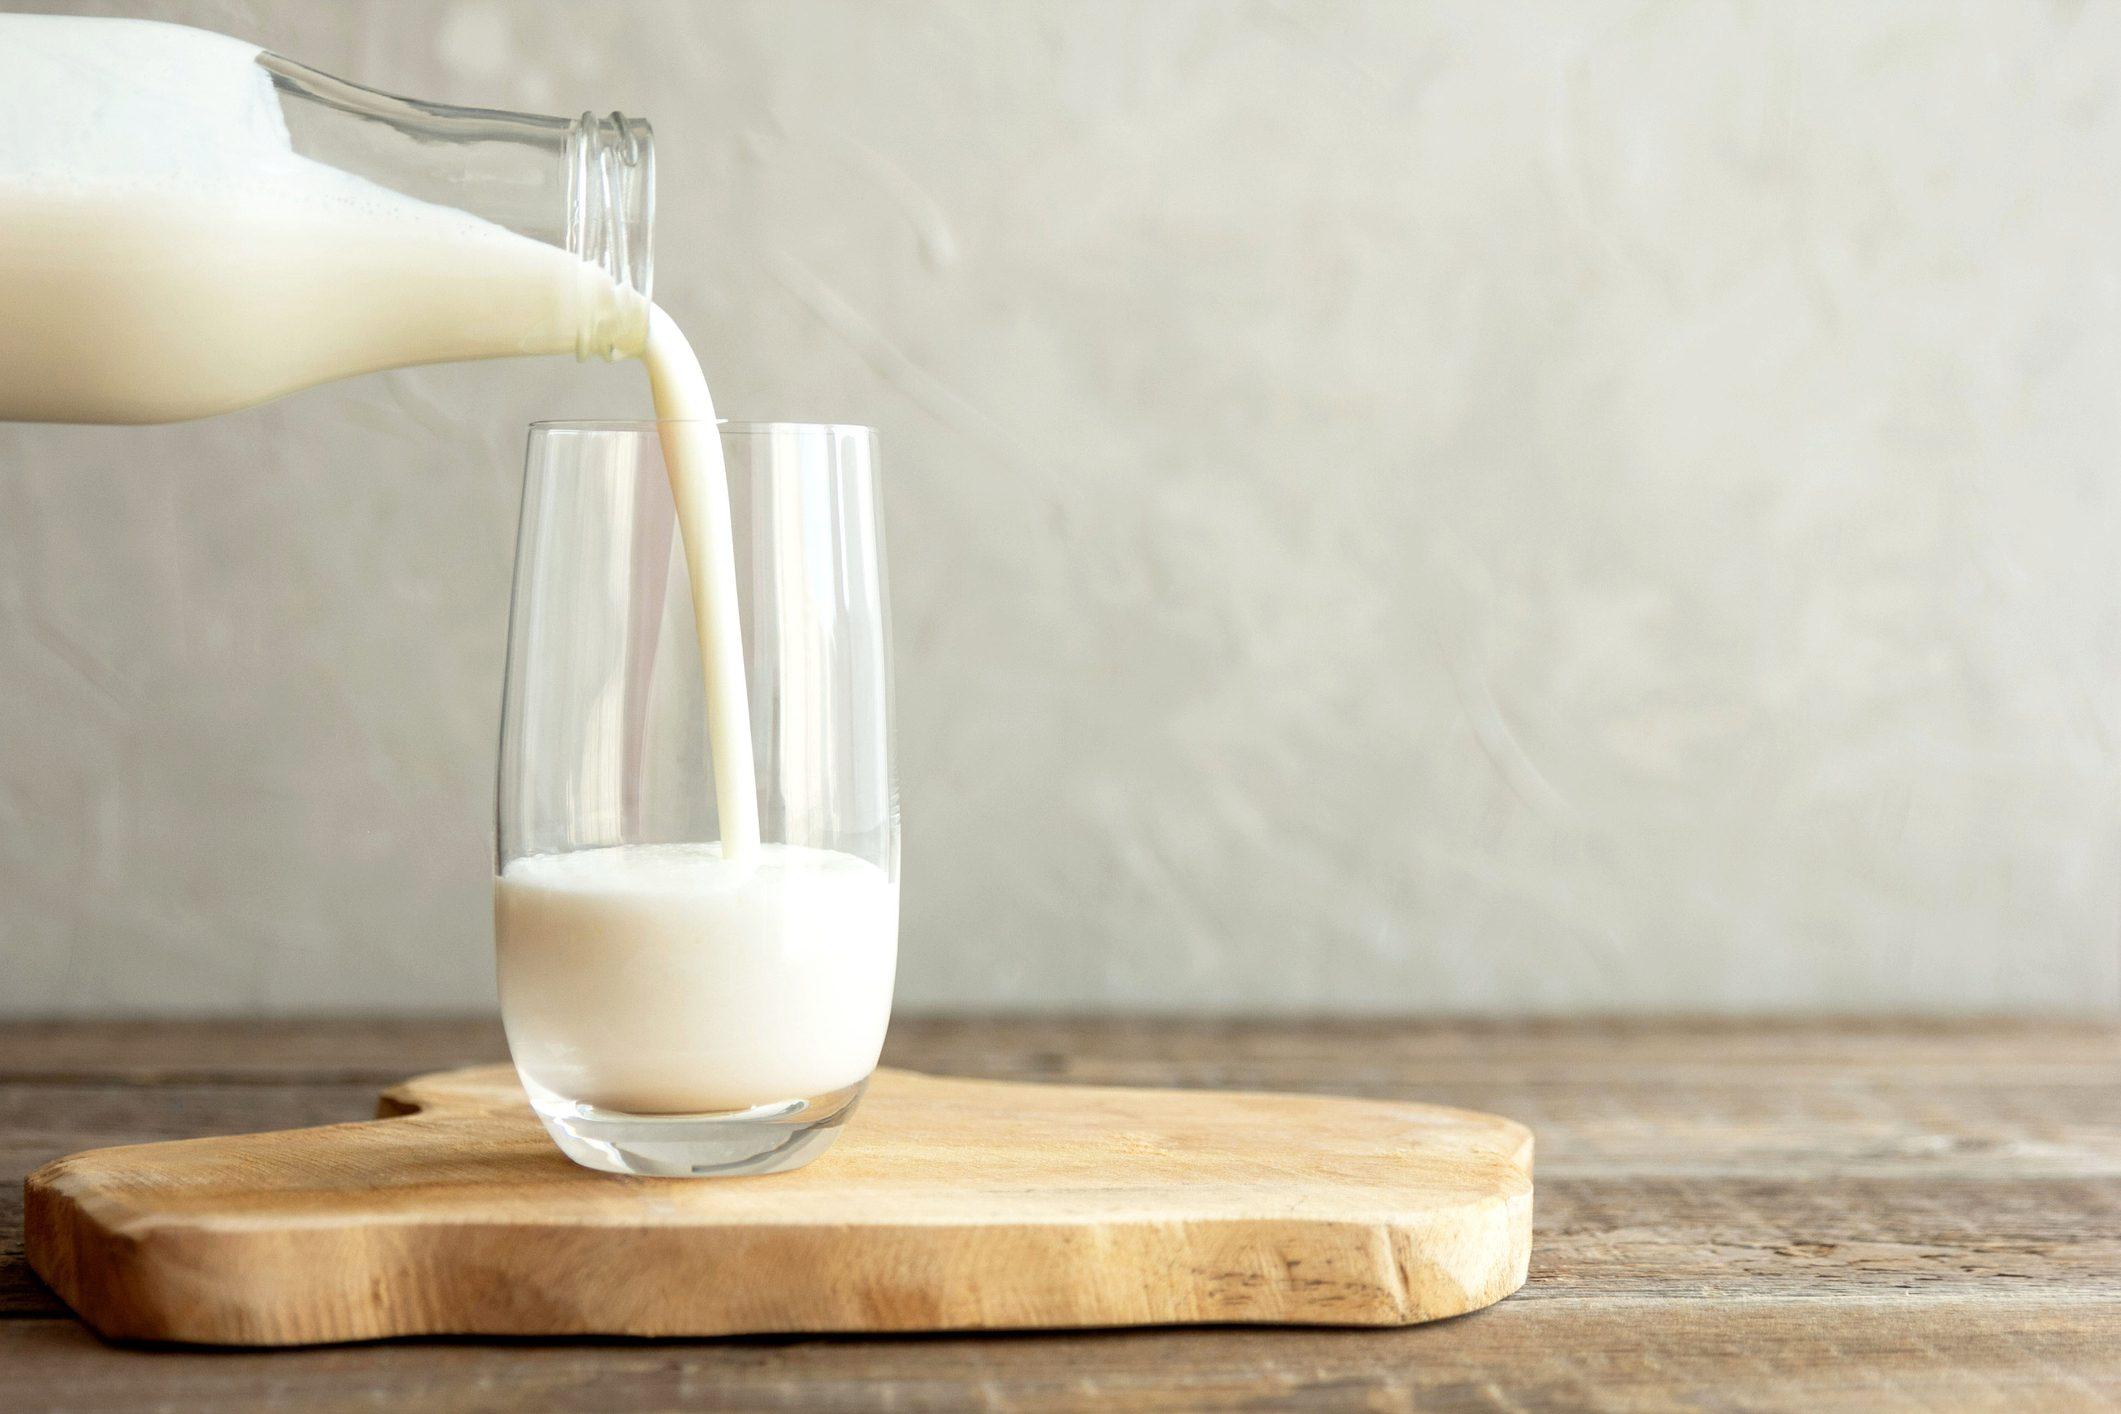 Giornata mondiale del latte: i 7 miti da sfatare sull'oro bianco liquido